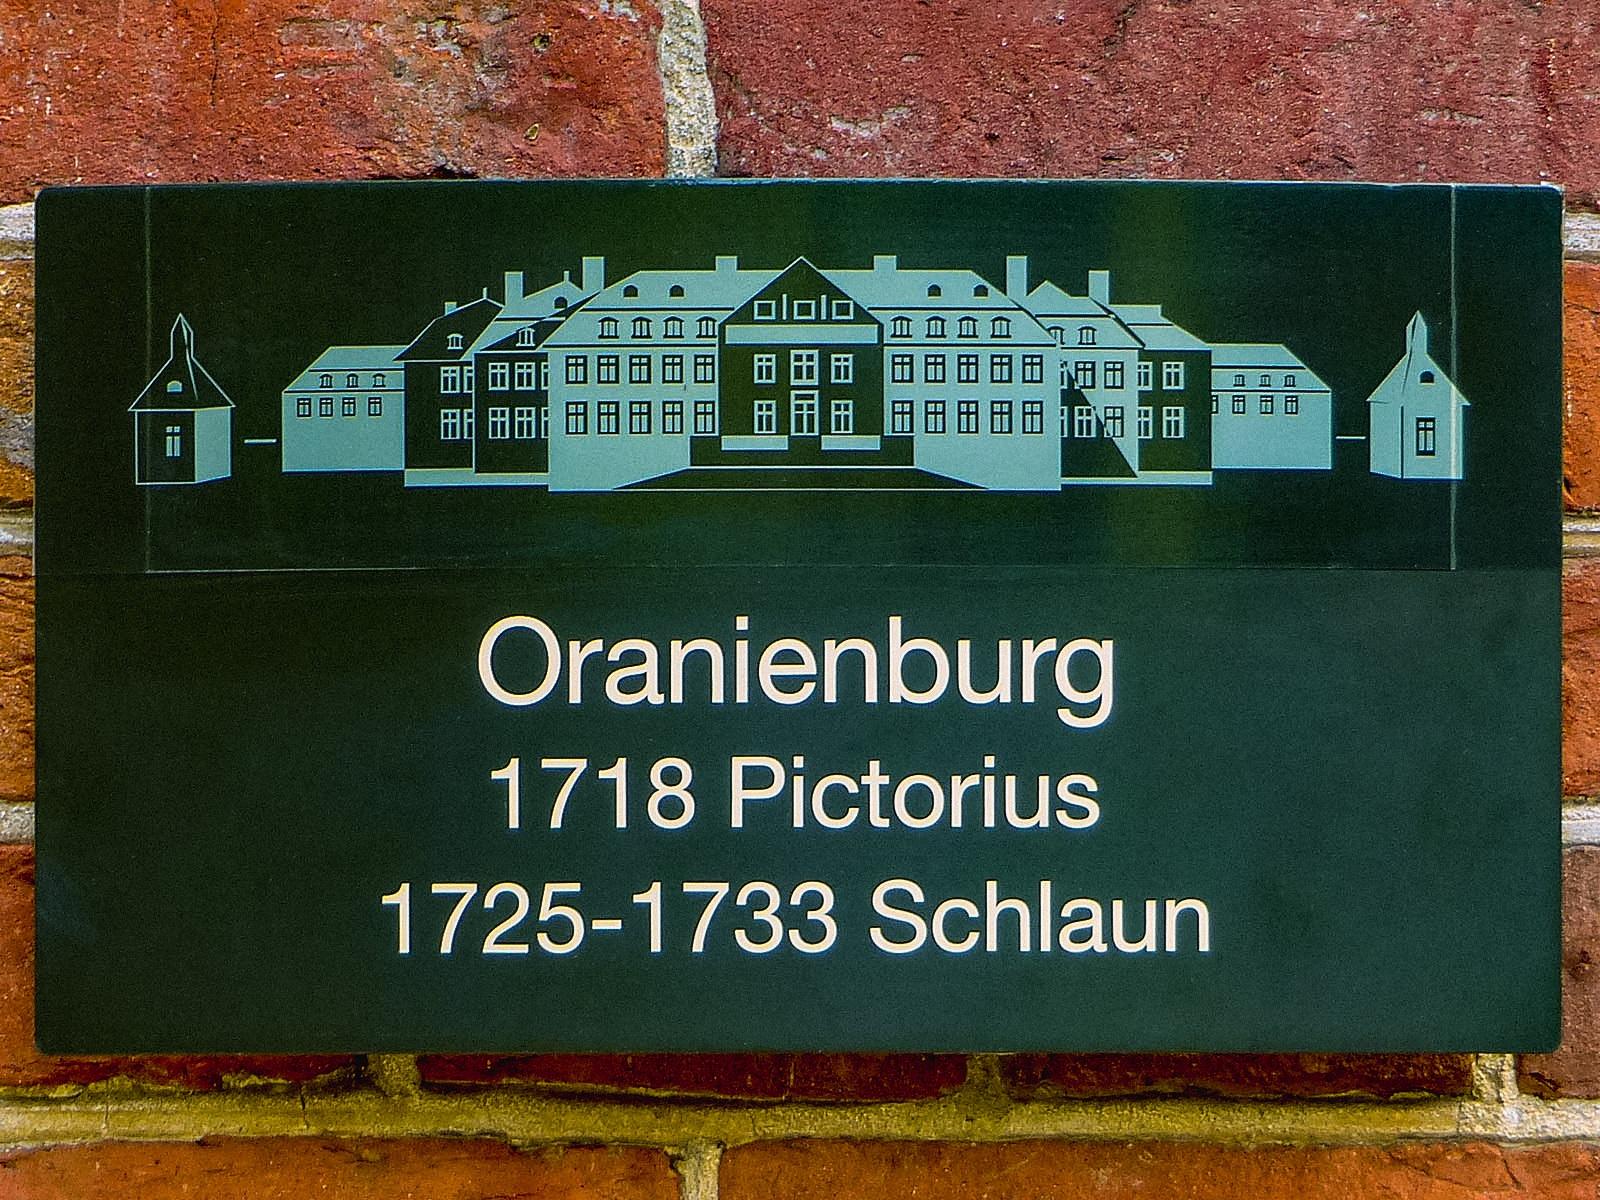 263_Oranienburg-15_edited_1600x1200